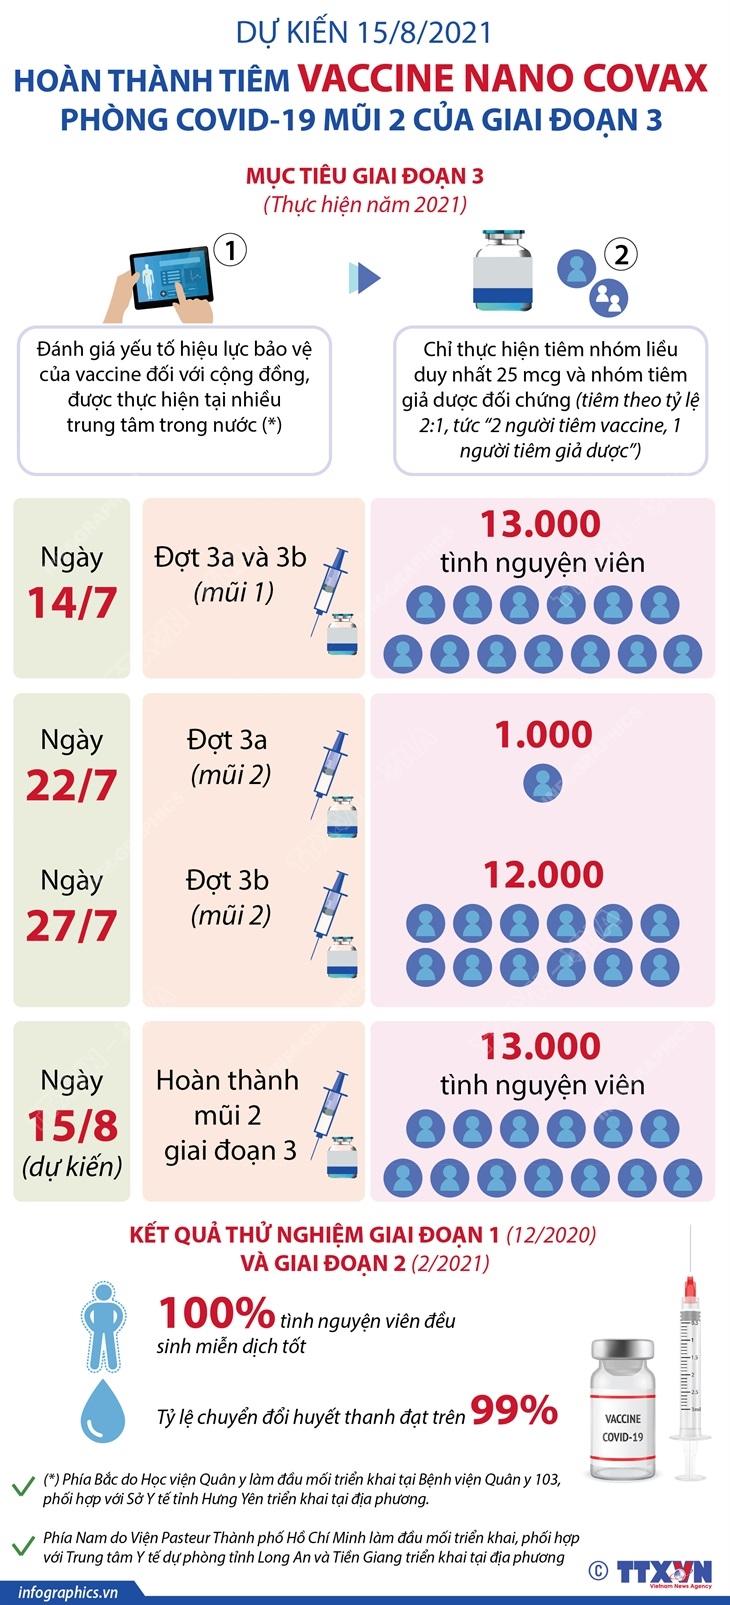 Diễn biến dịch ngày 27/7: Có thêm 1602 người khỏi bệnh, tổng số bệnh nhân khỏi bệnh gần 23.000 người - Ảnh 8.